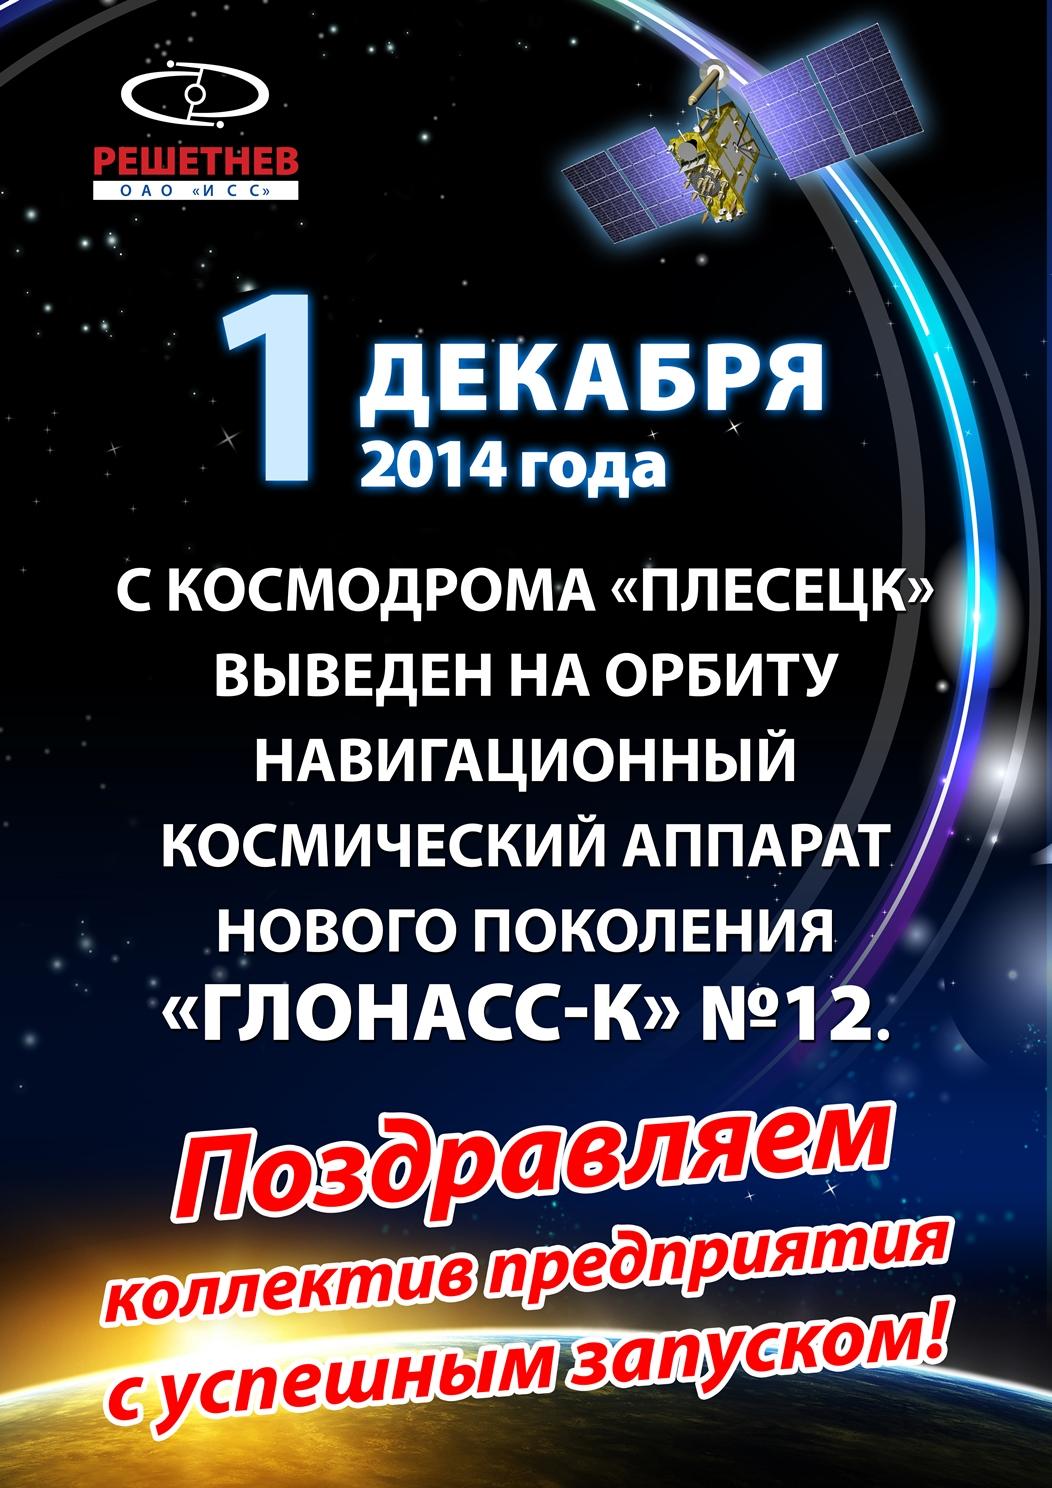 Глонасс-К_1.12.2014